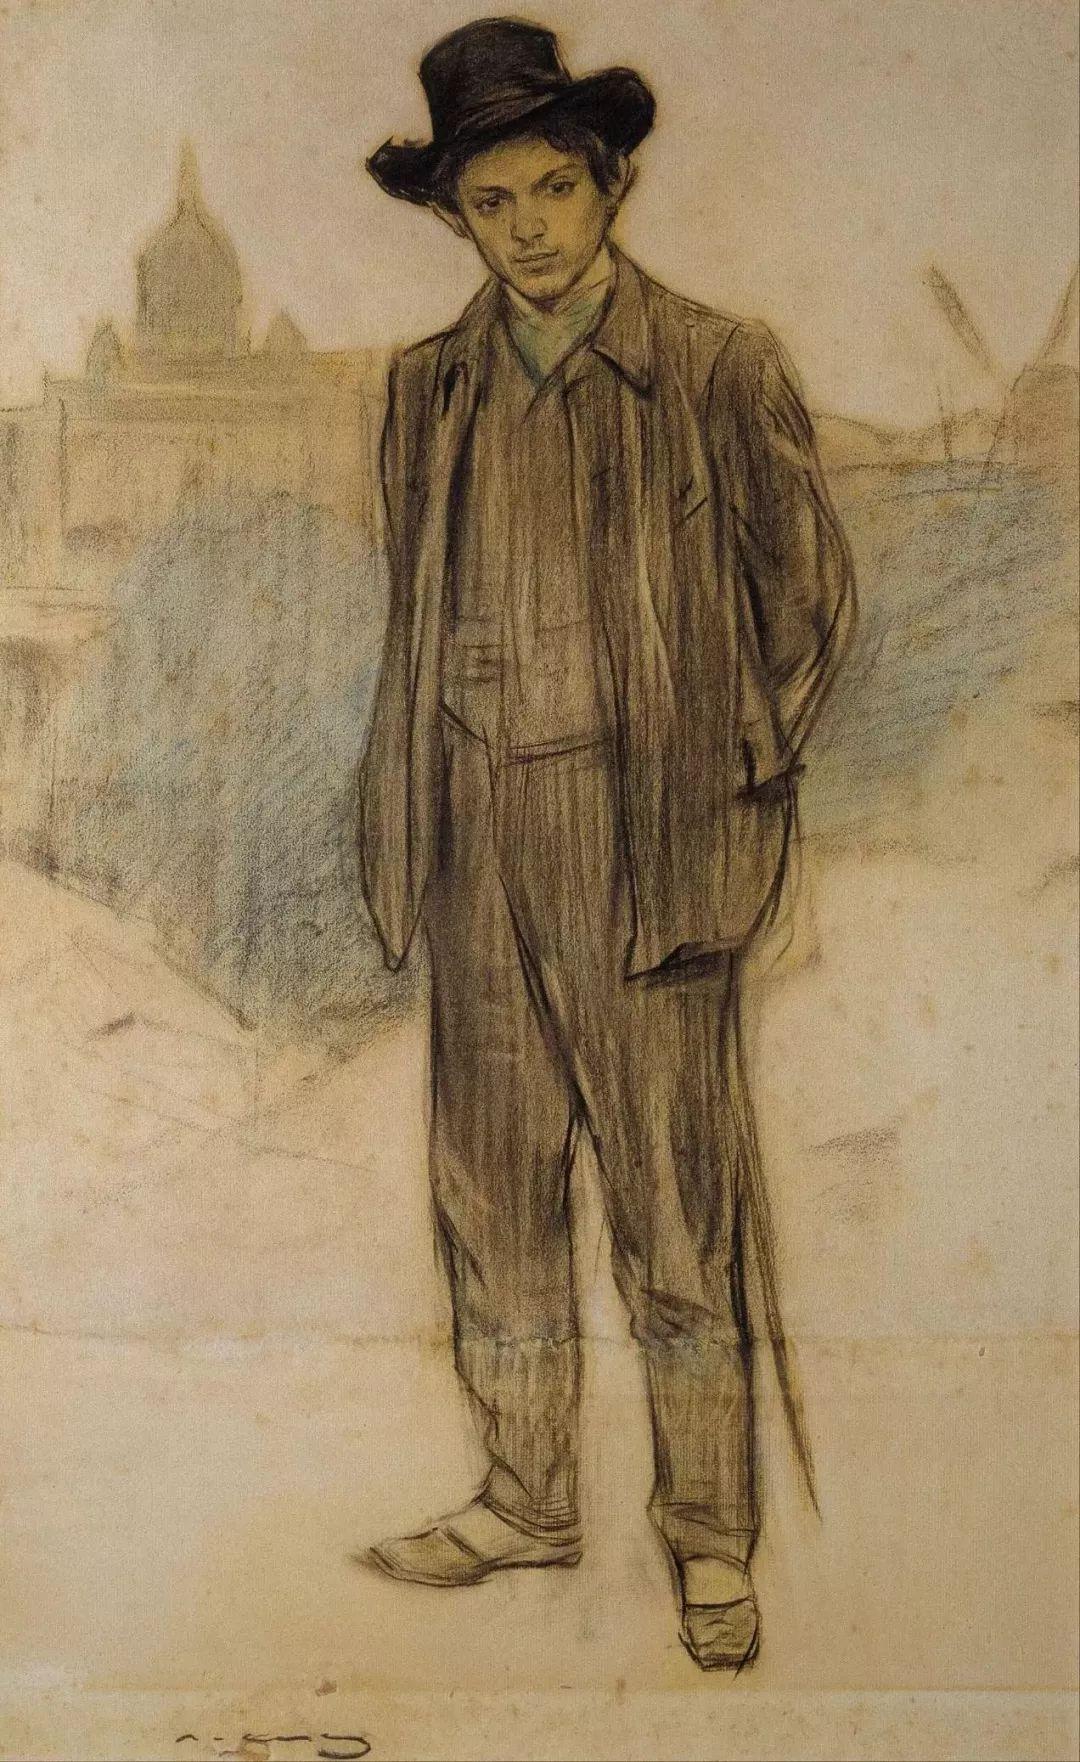 毕加索:艺术是一种谎言,但没有任何危险插图3